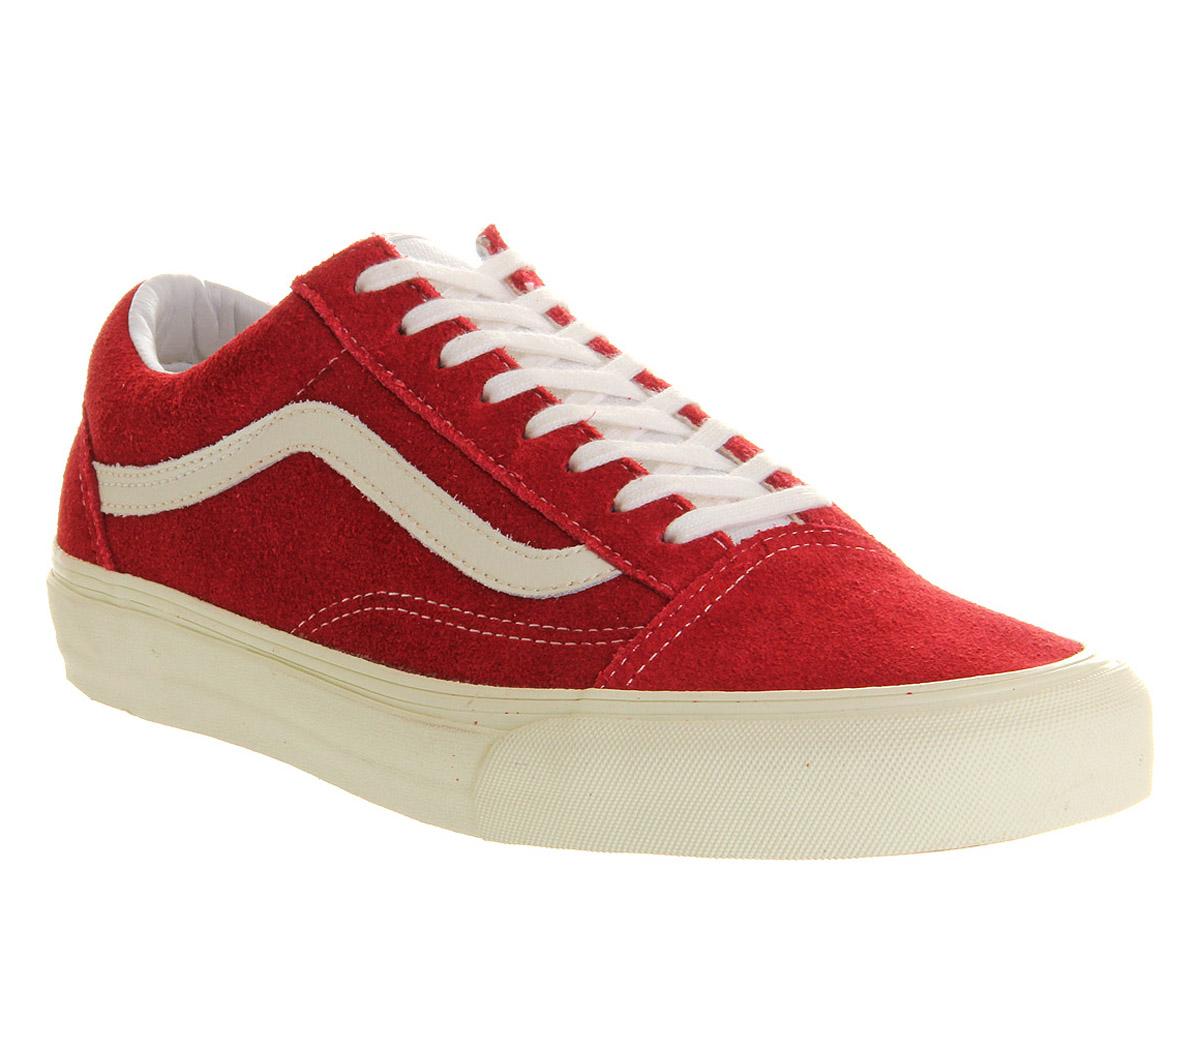 Old Skool Vans- Red trainers